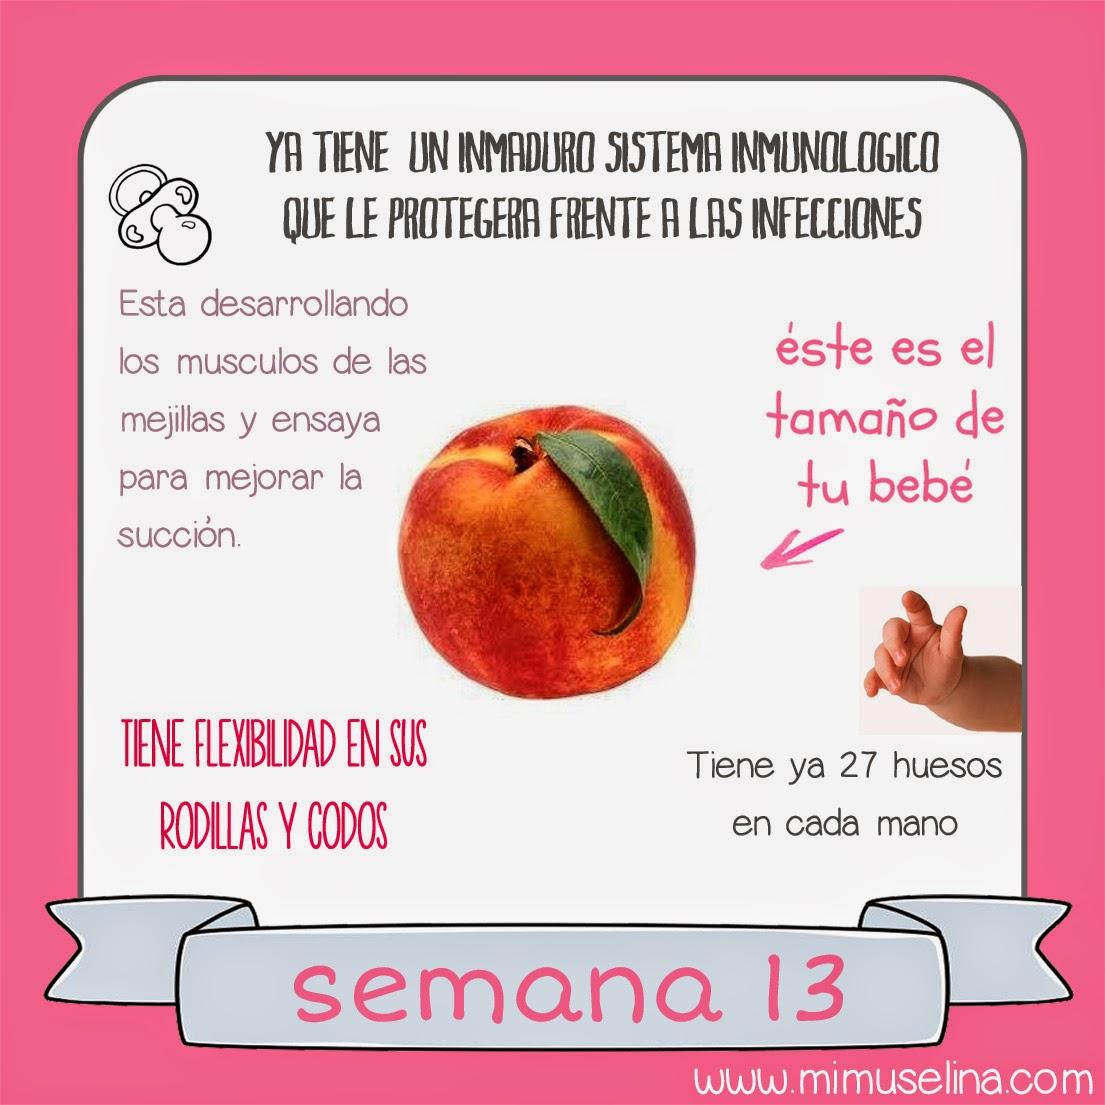 Semana 13 embarazo. Tamaño y evolución del bebé @mimuselina